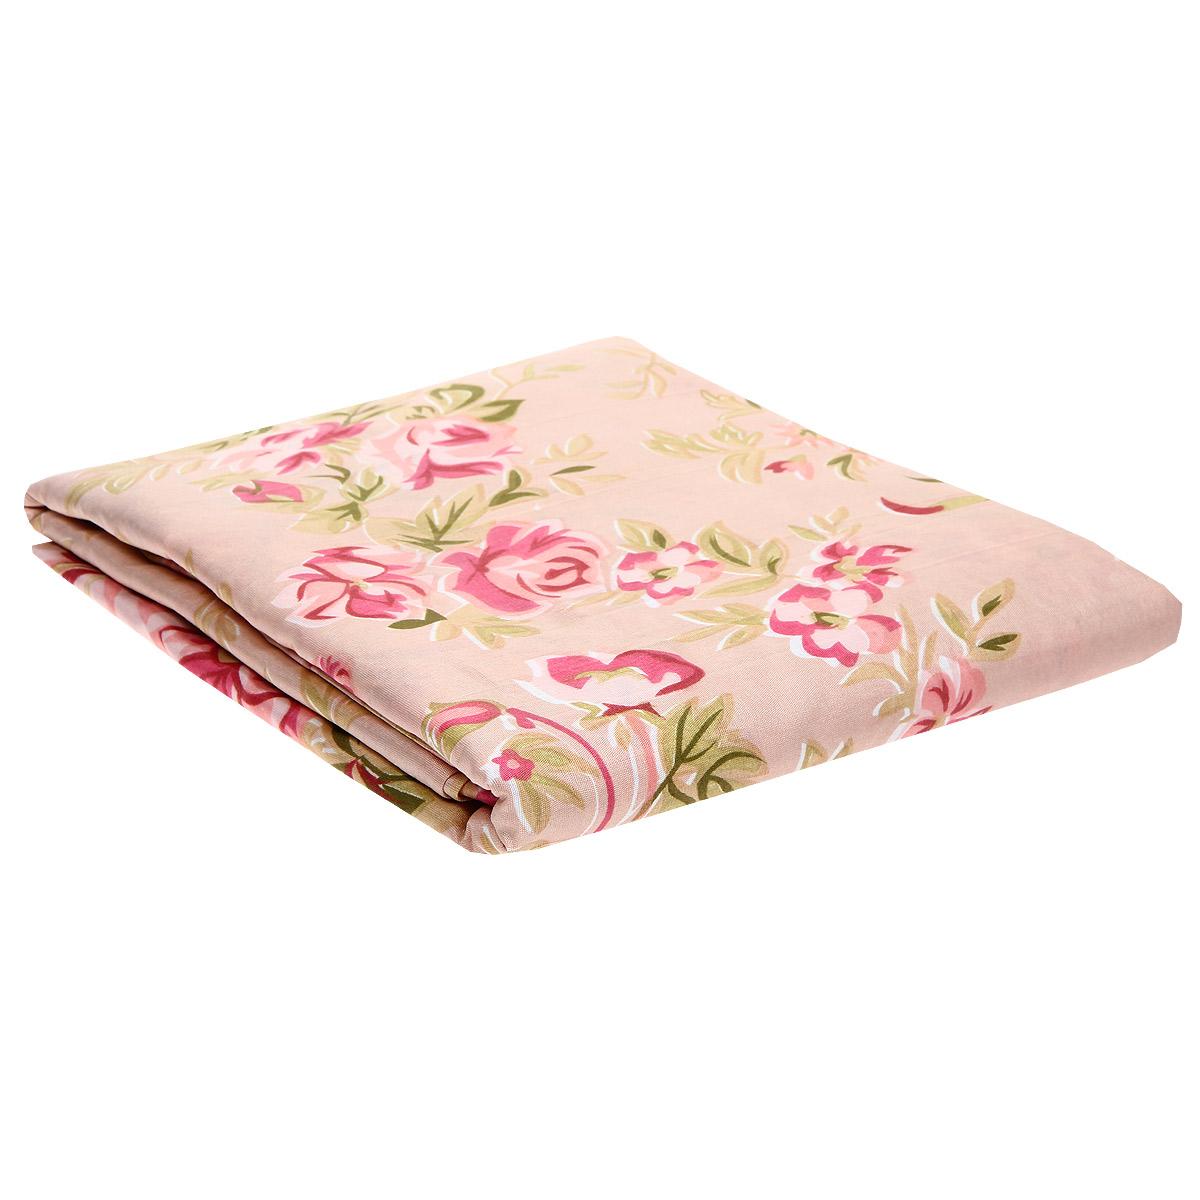 Комплект белья P&W Ноты счастья, 2-спальный, наволочки 70х70, цвет: розовый, зеленыйPW-6-175-180-70(013575)Комплект постельного белья P&W Ноты счастья состоит из пододеяльника, простыни и двух наволочек. Предметы комплекта выполнены из микрофибры (100 % полиэстера) и украшены изящным рисунком в виде бабочек. Рекомендации по уходу: - Гладить при средней температуре (до 130°С). - Стирка в теплой воде (температура до 30°С). - Нельзя отбеливать. При стирке не использовать средства, содержащие отбеливатели (хлор). - Можно отжимать и сушить в стиральной машине.Уважаемые клиенты! Обращаем ваше внимание на цвет изделия. Цветовой вариант комплекта, данного в интерьере, служит для визуального восприятия товара. Цветовая гамма данного комплекта представлена на отдельном изображении фрагментом ткани.